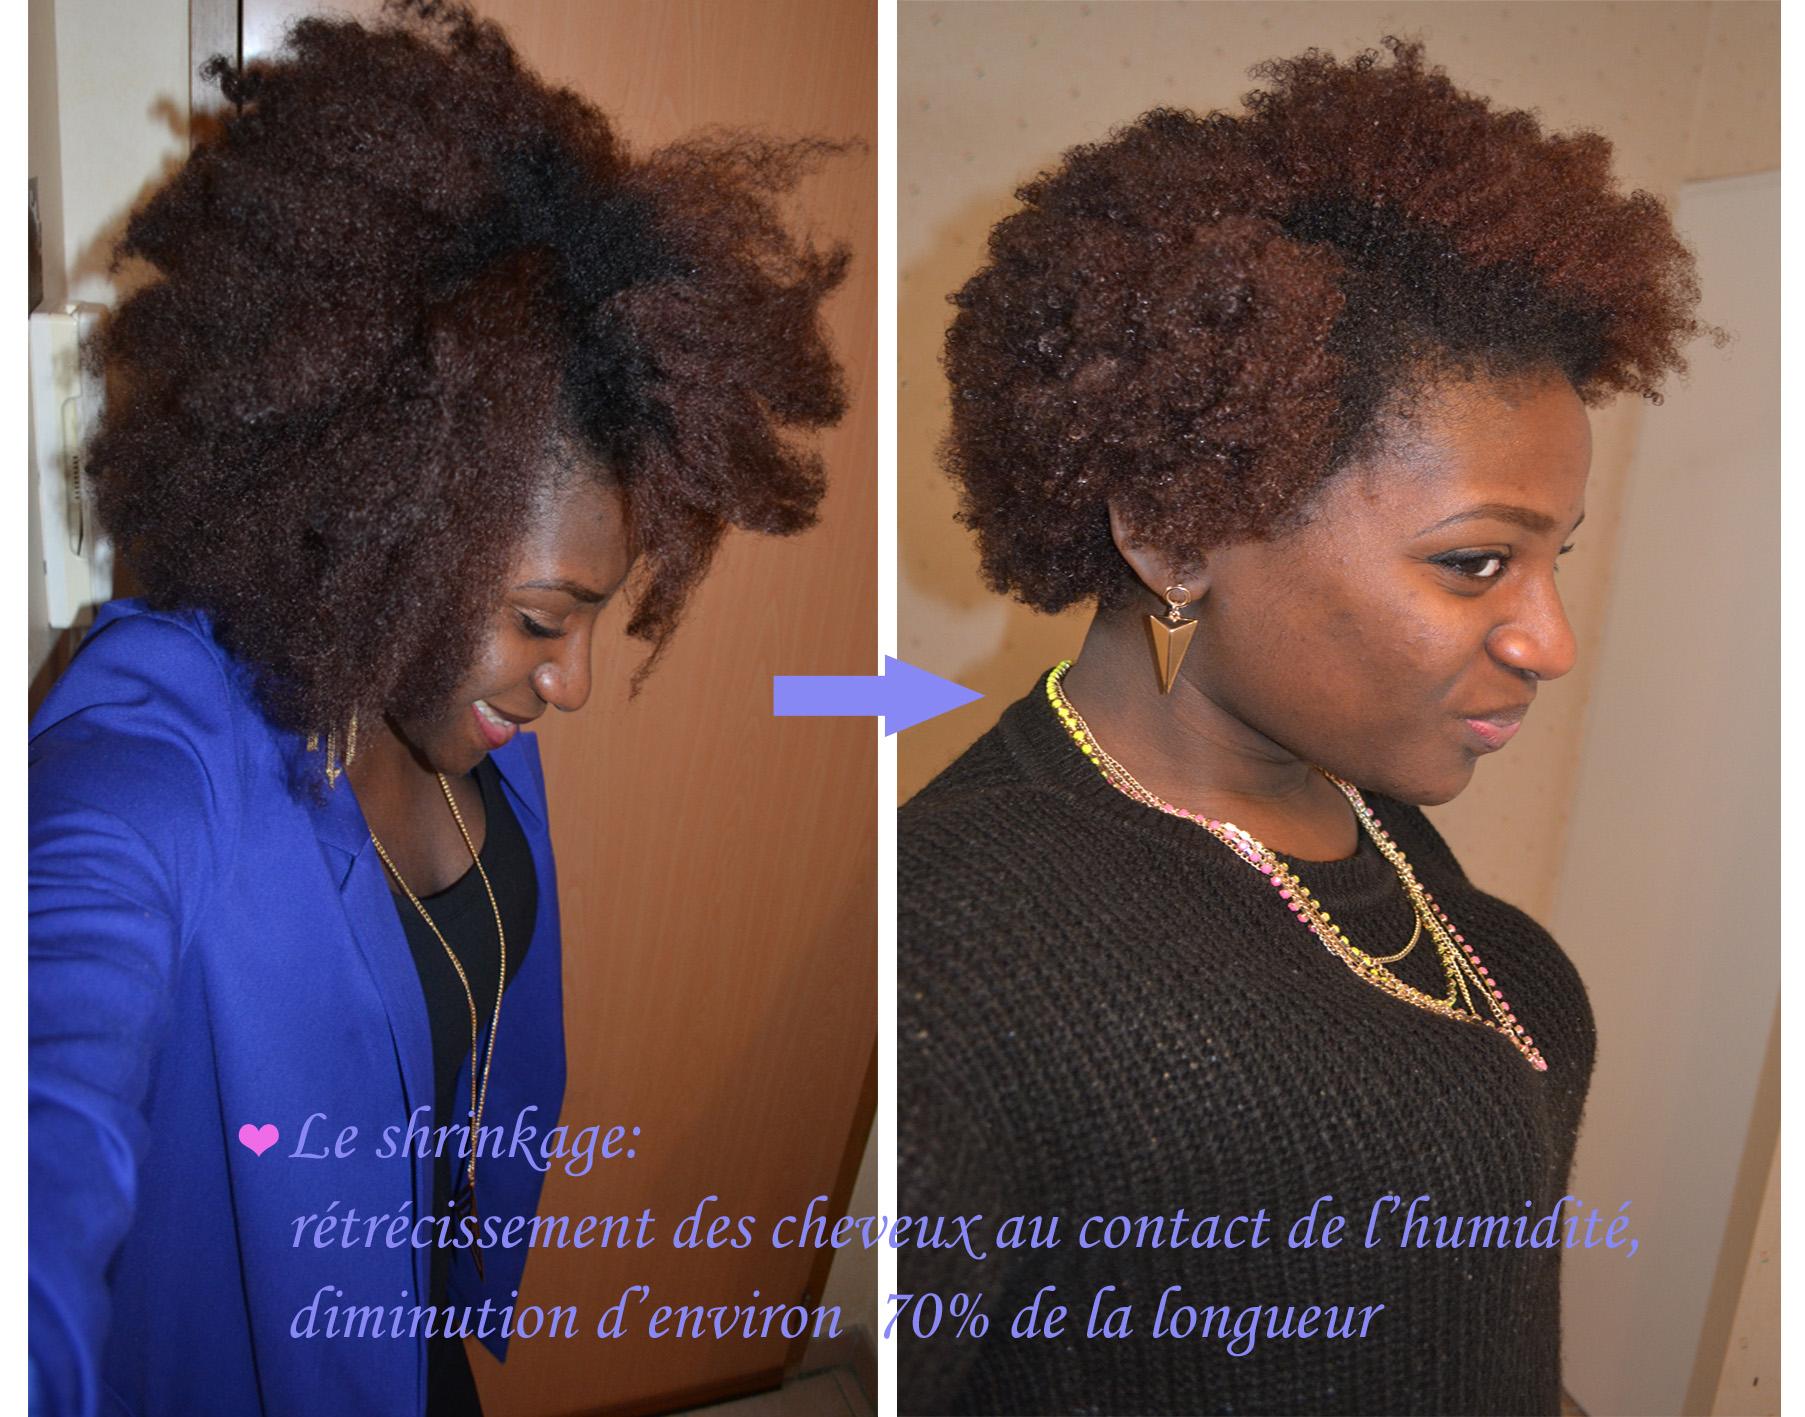 pour celle qui ne le connaisse pas les chanceuses cest une des particularits des cheveux afro cest ce qui le rend magique - Coloration Naturelle Cheveux Crpus